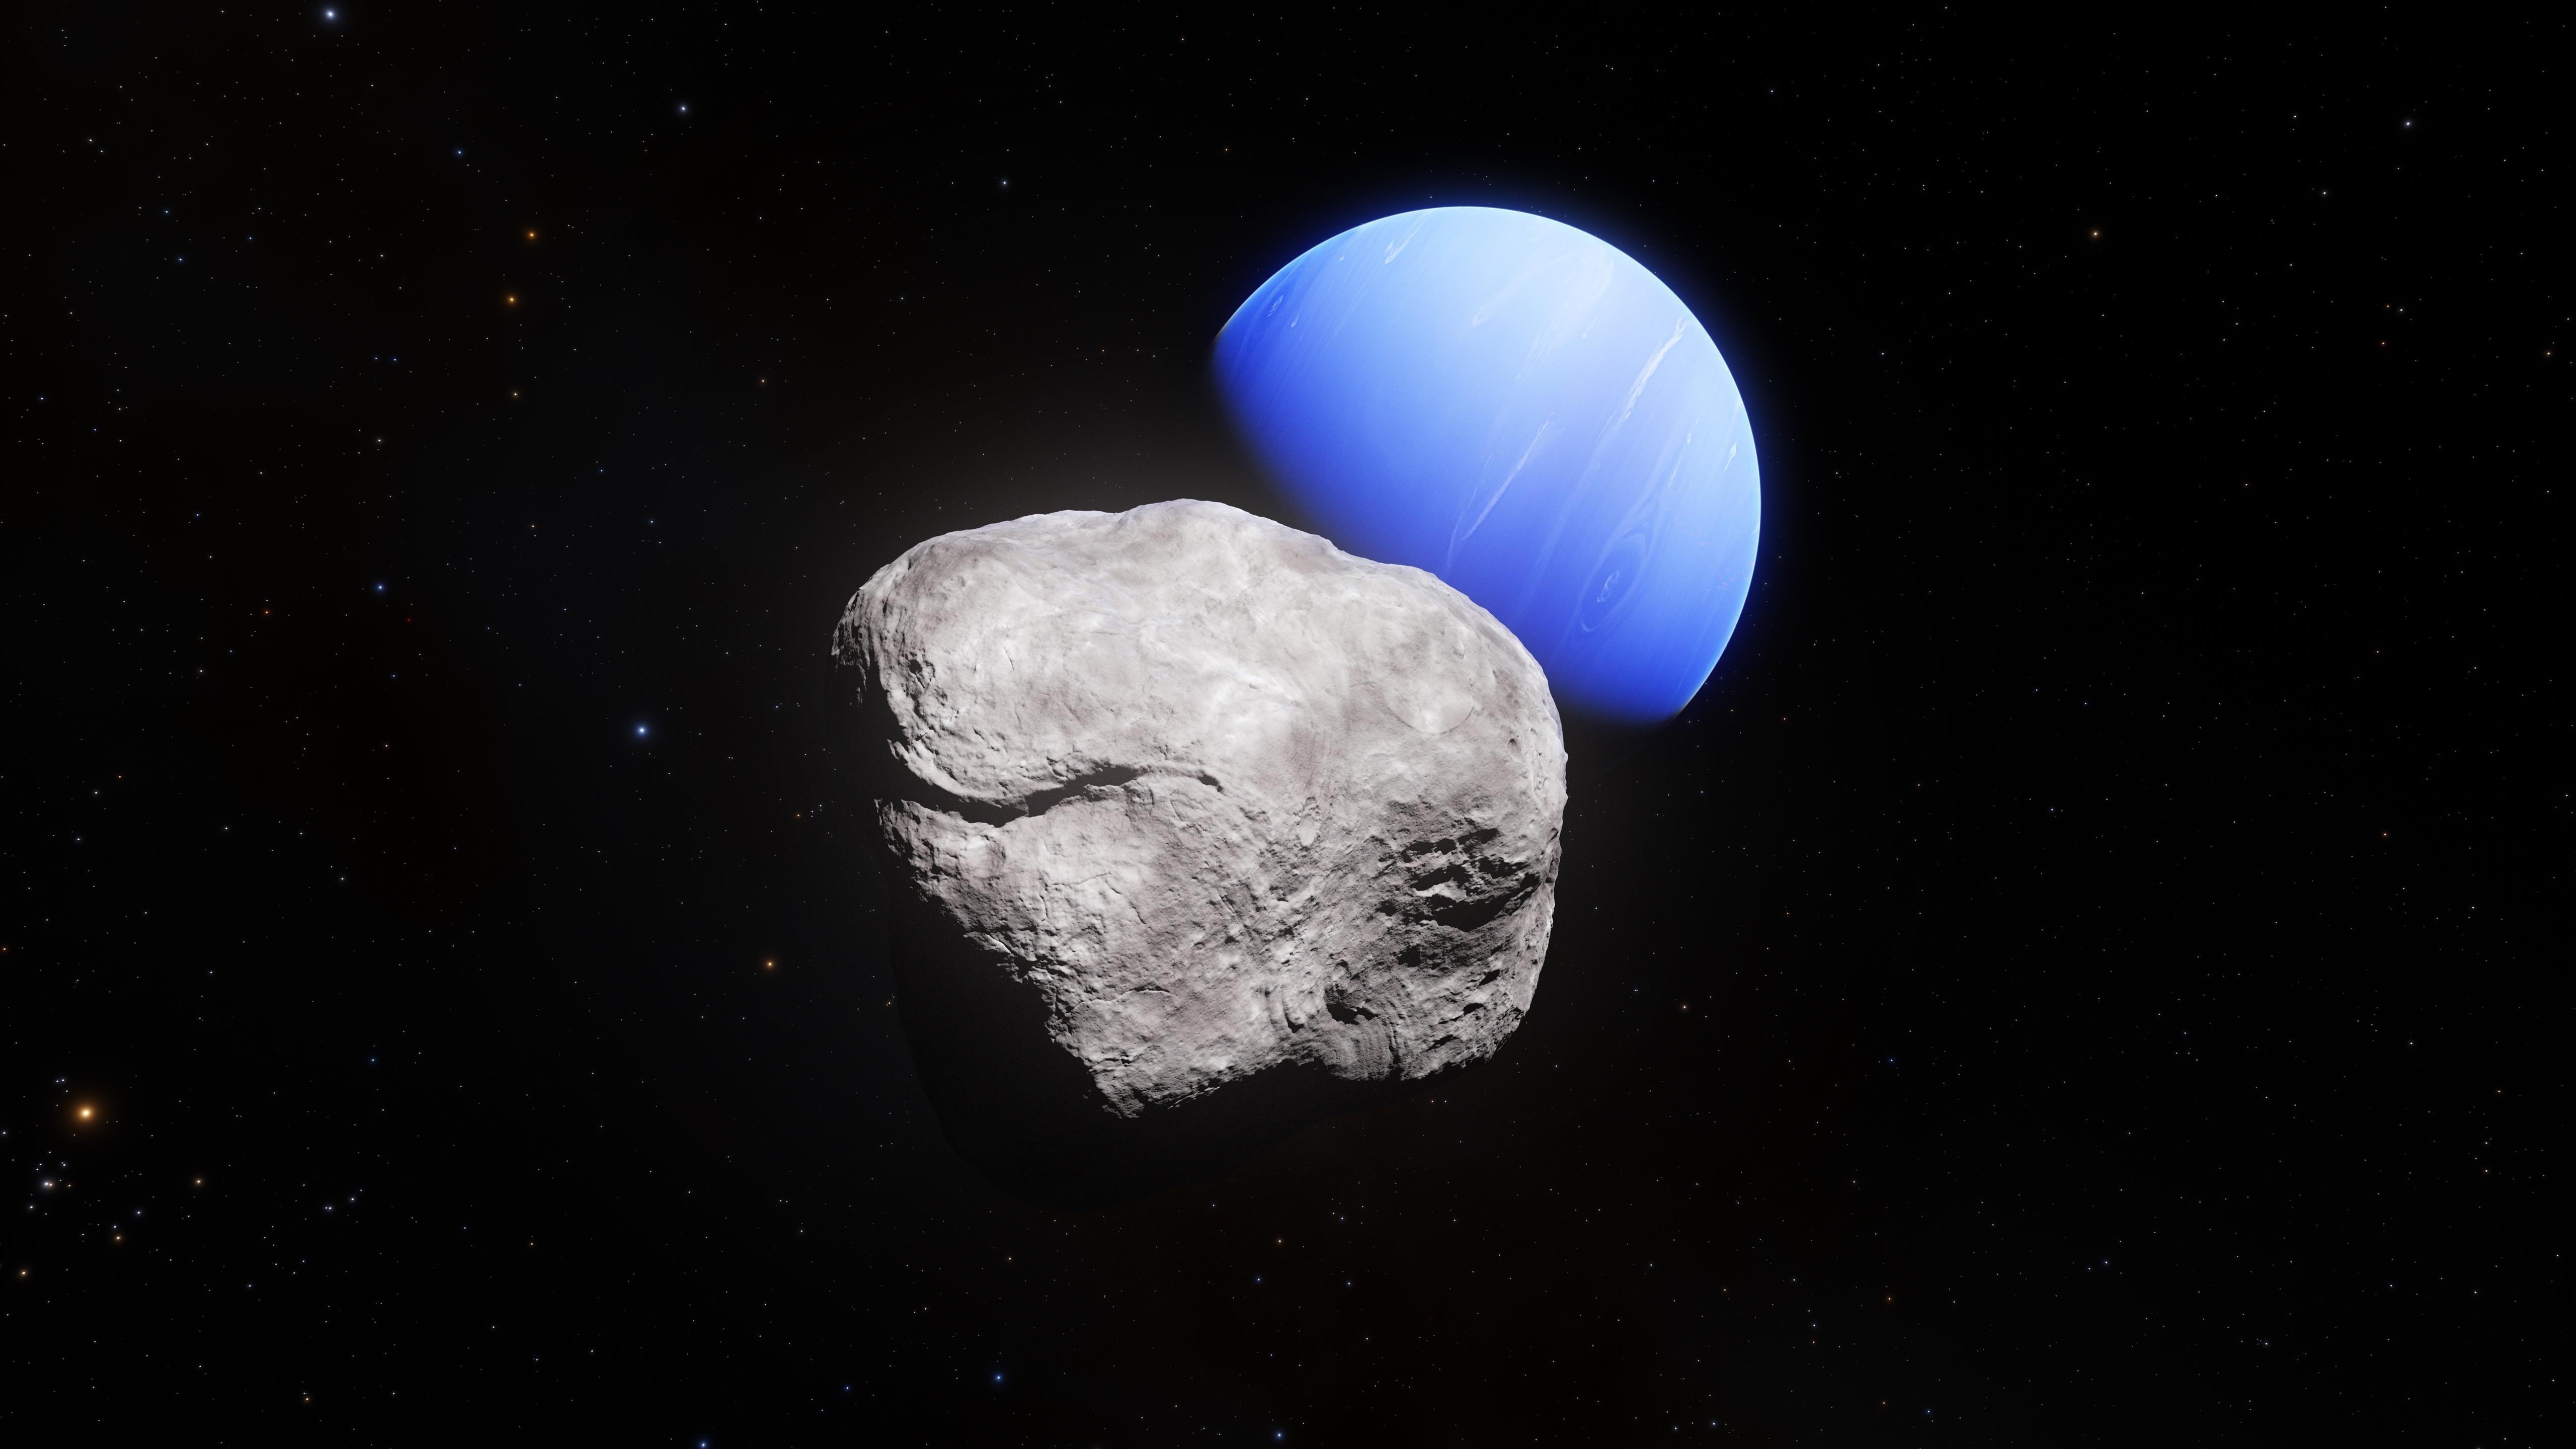 Нептун Луна гиппокамп обои скачать